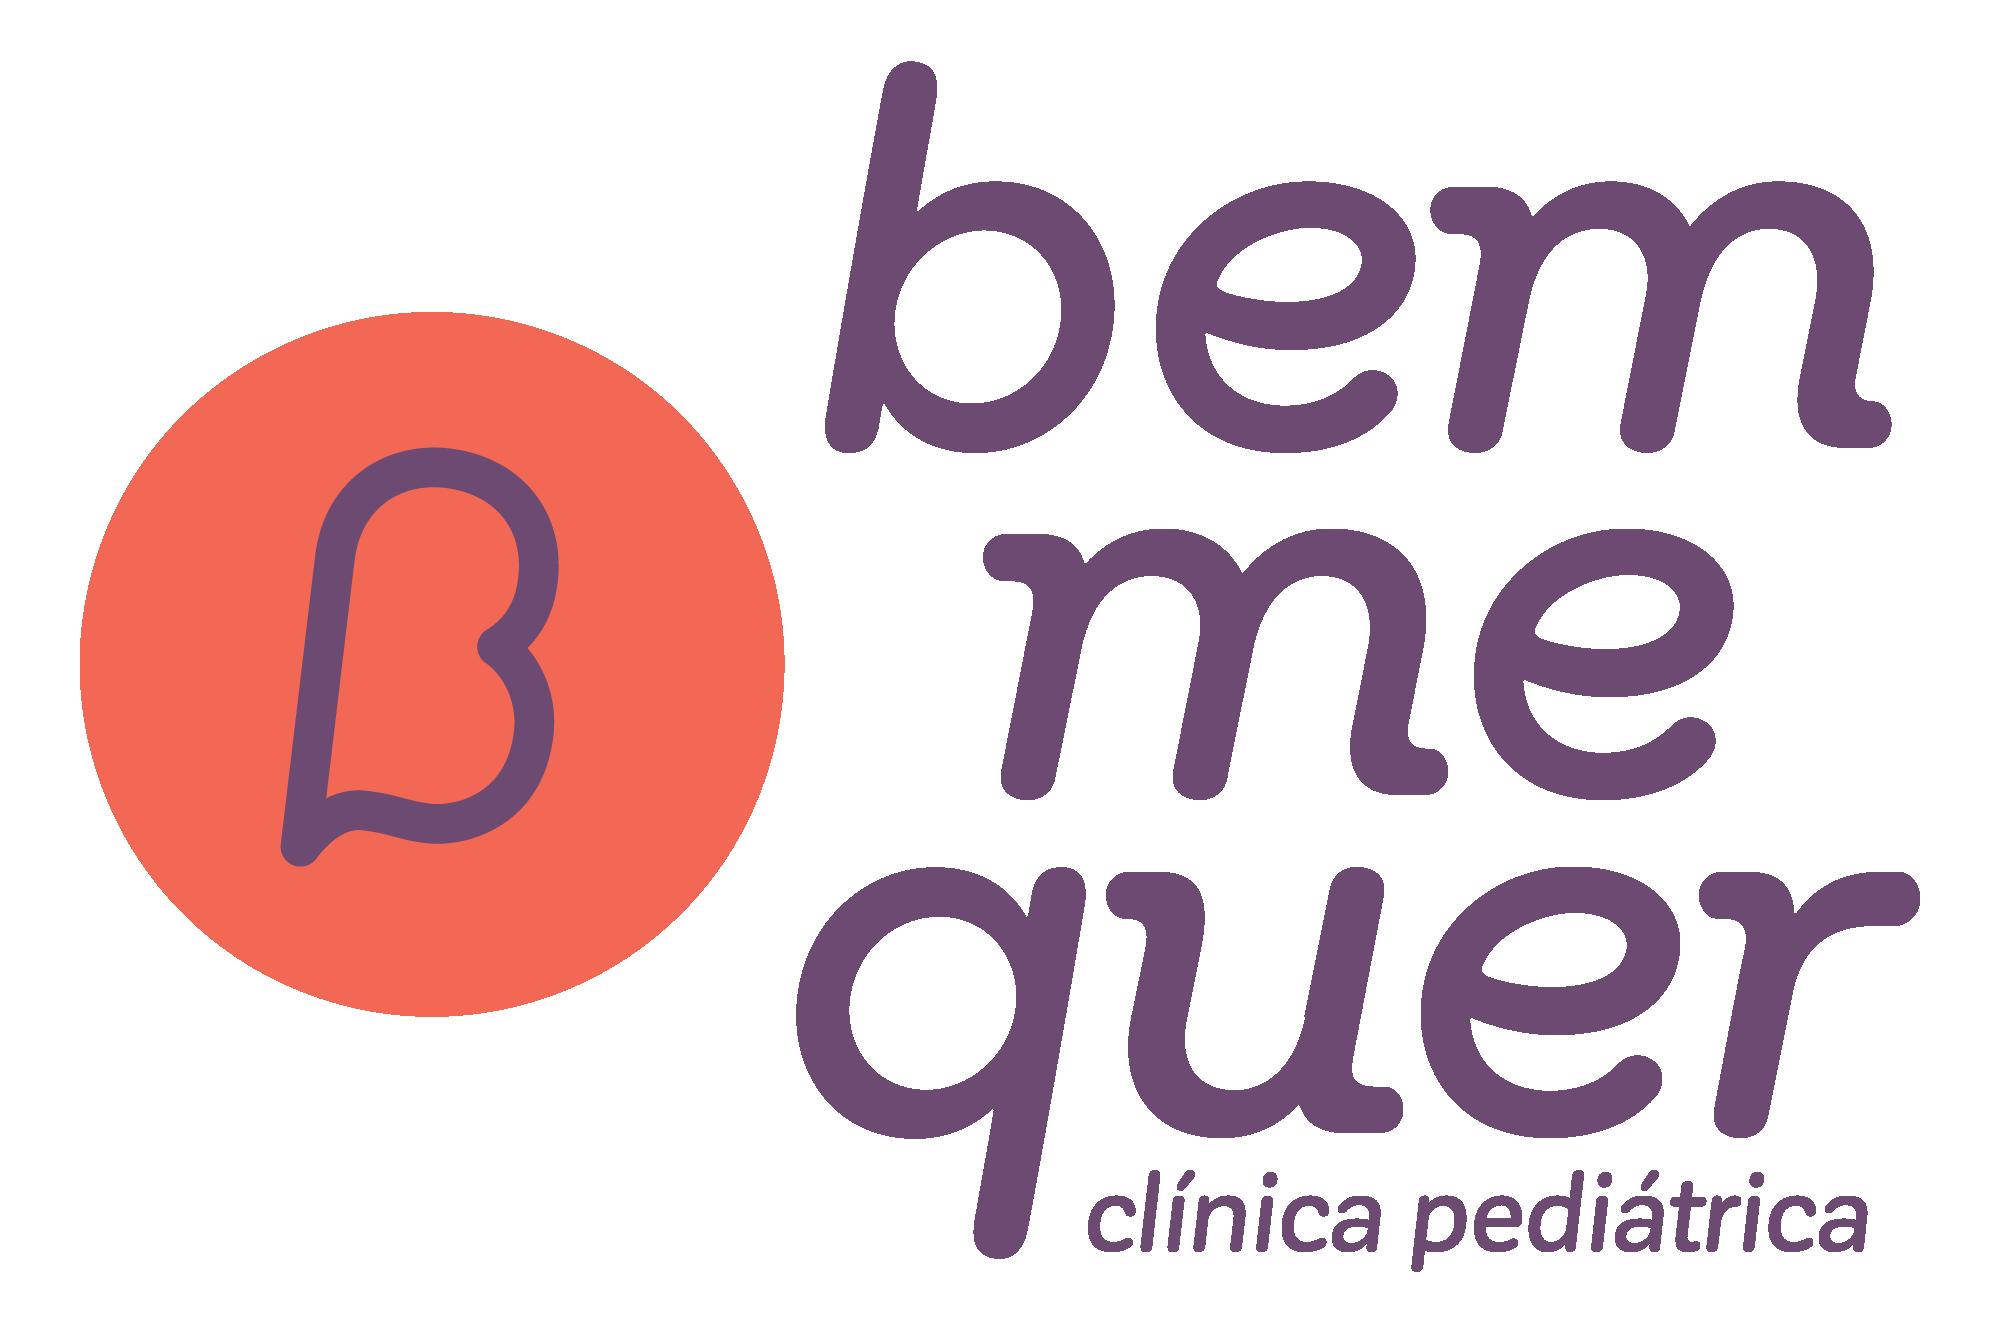 Clinica Pediatrica em Belo Horizonte